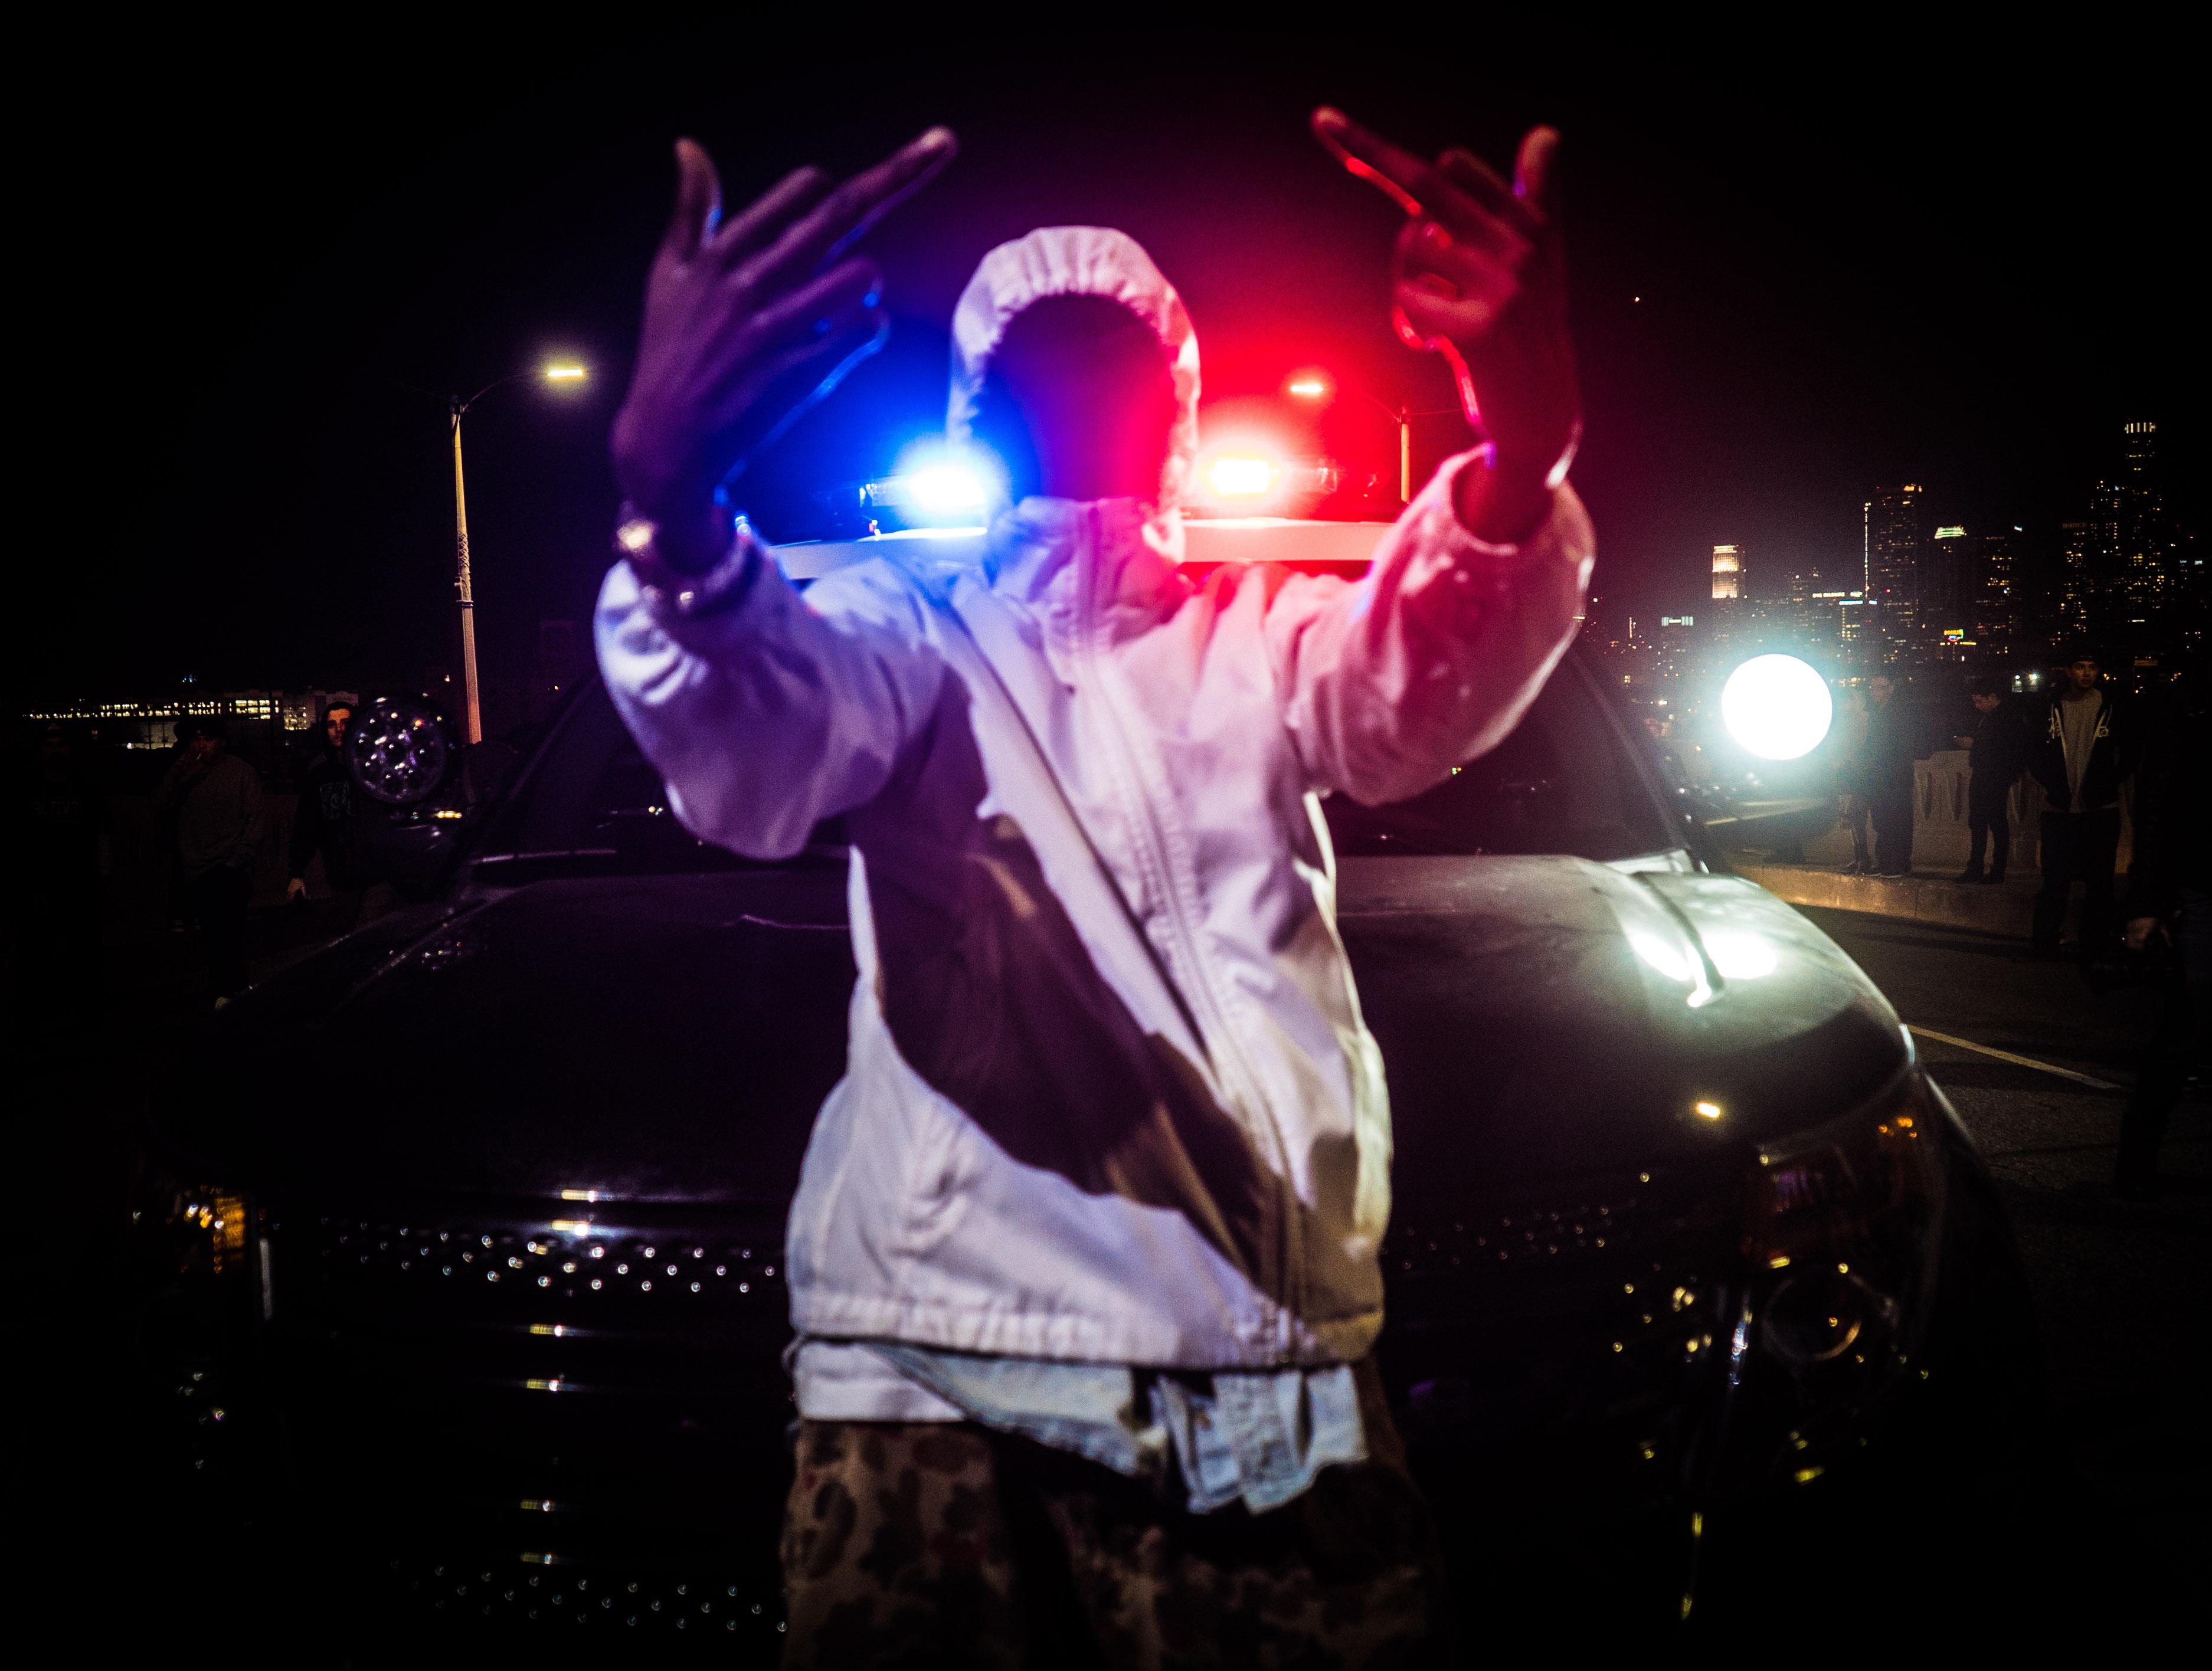 F*#K THE POLICE